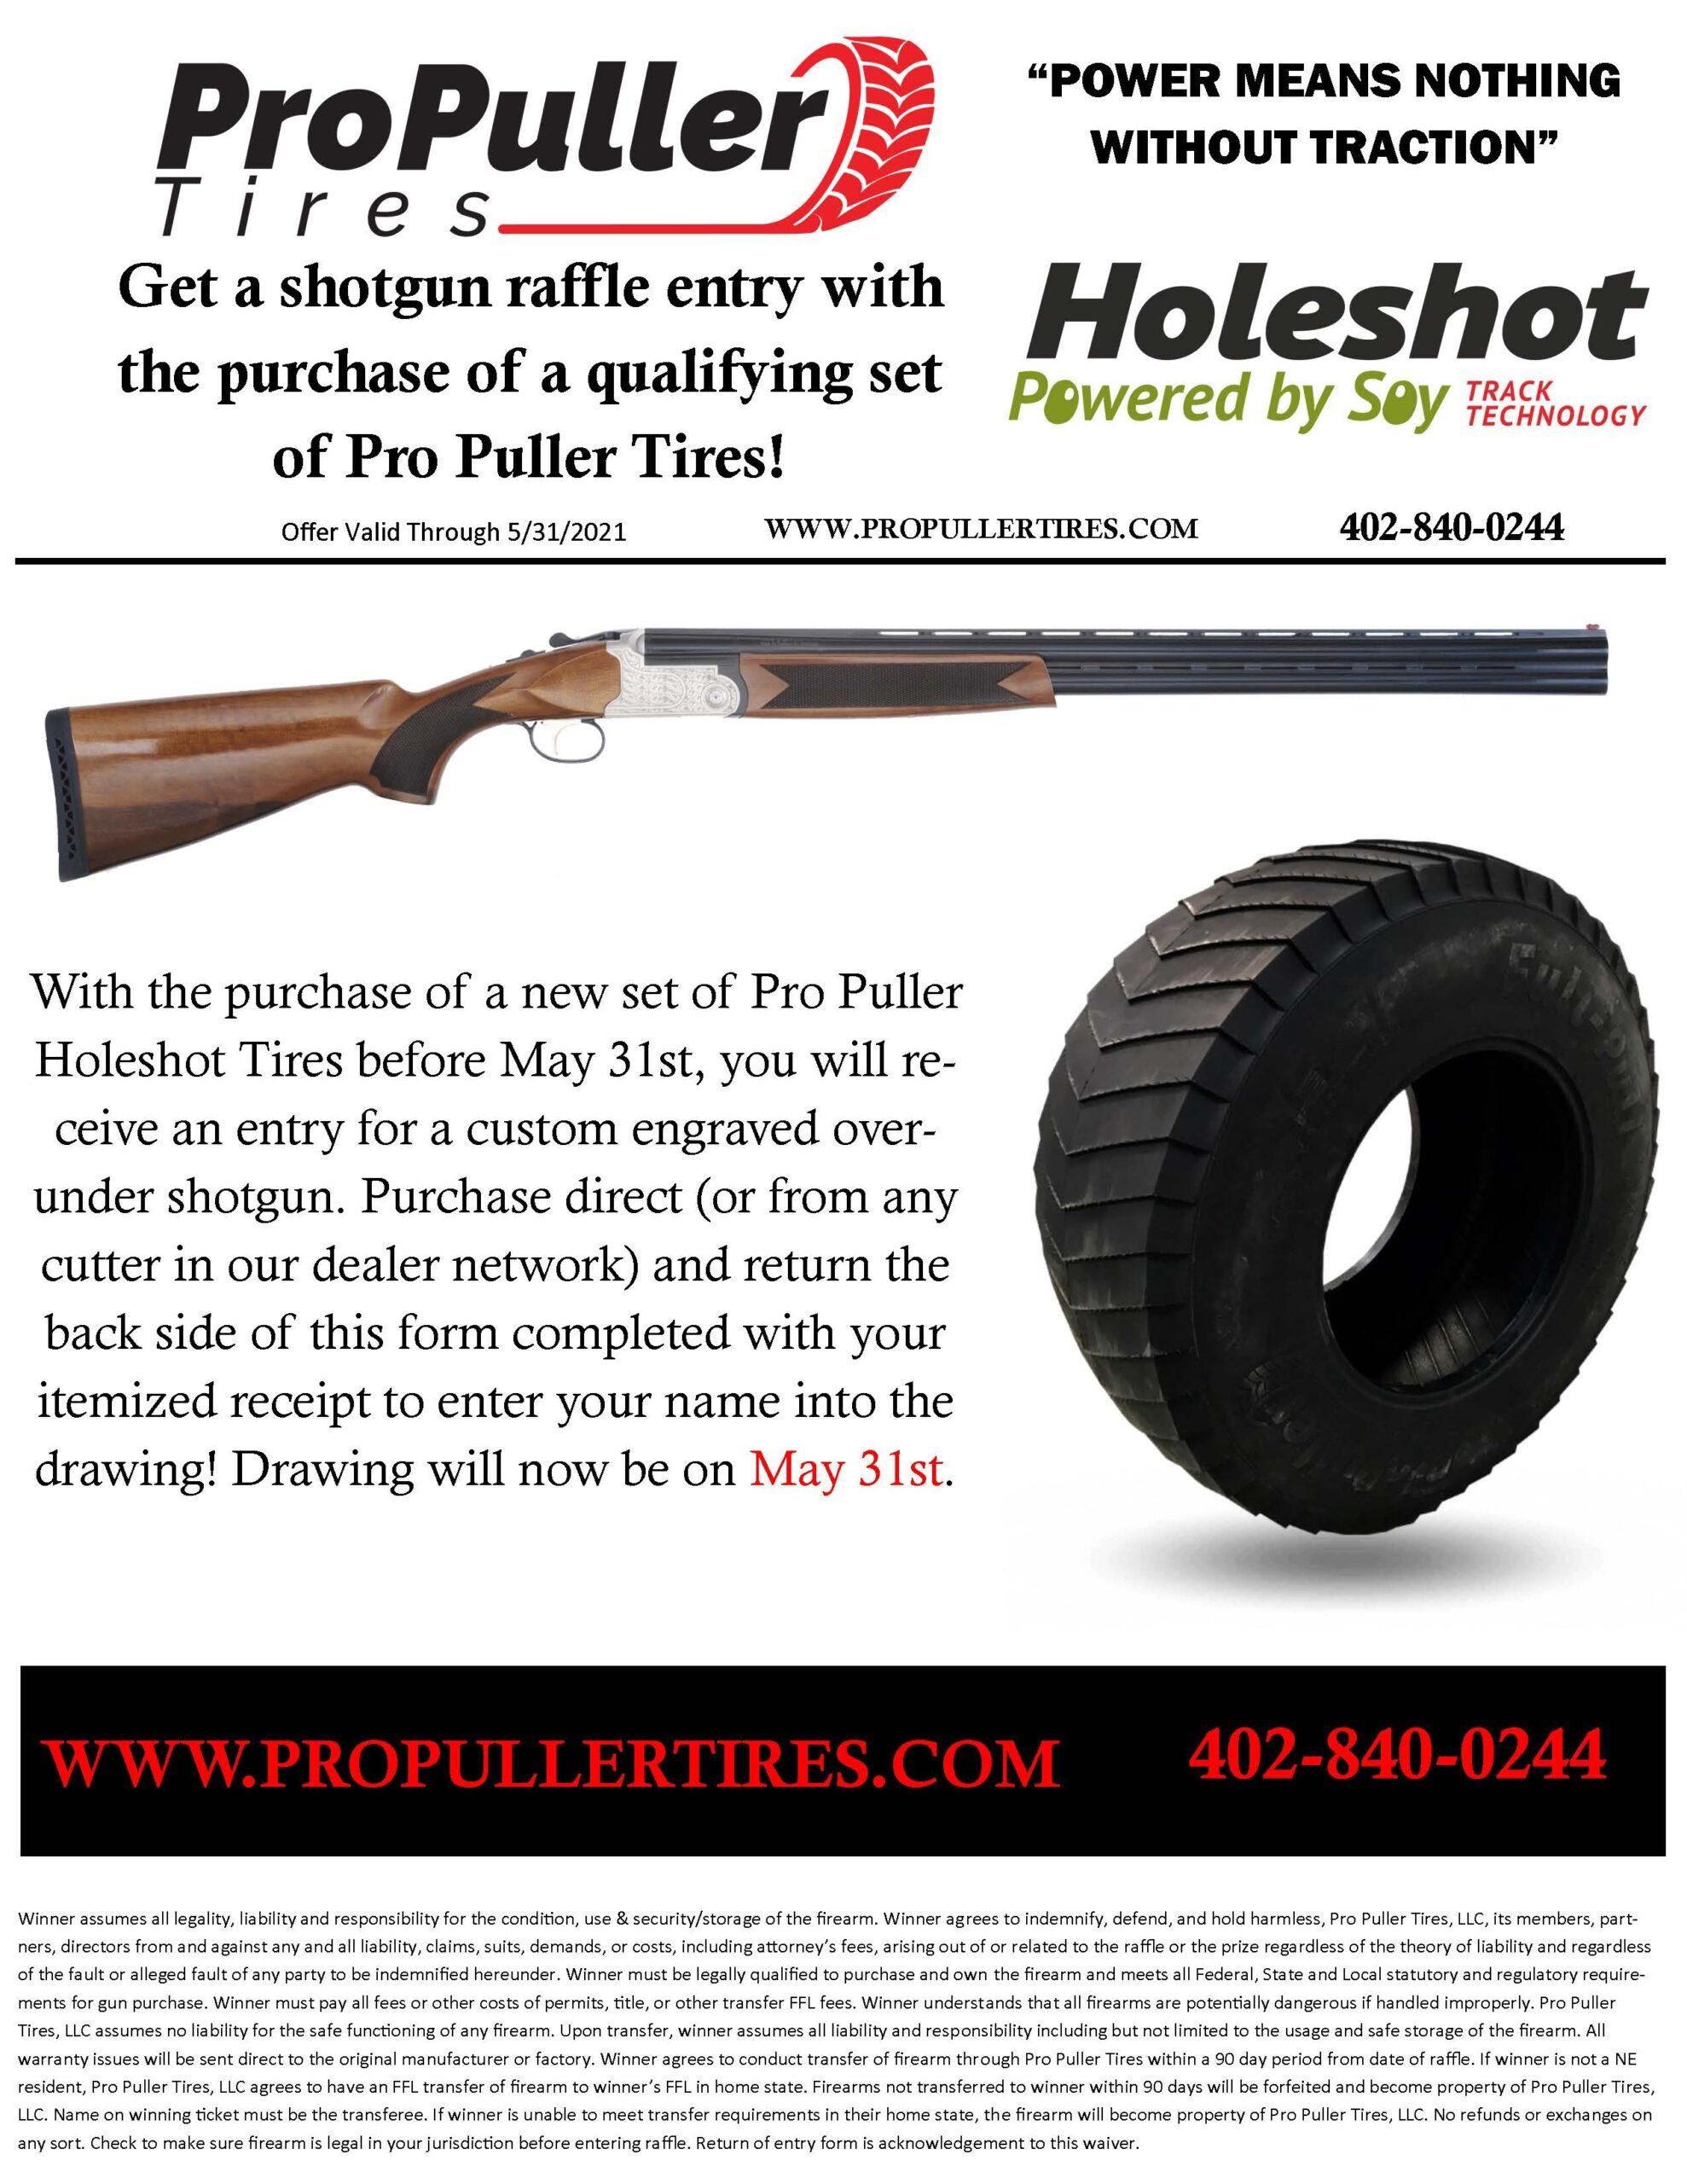 Shotgun Promotion